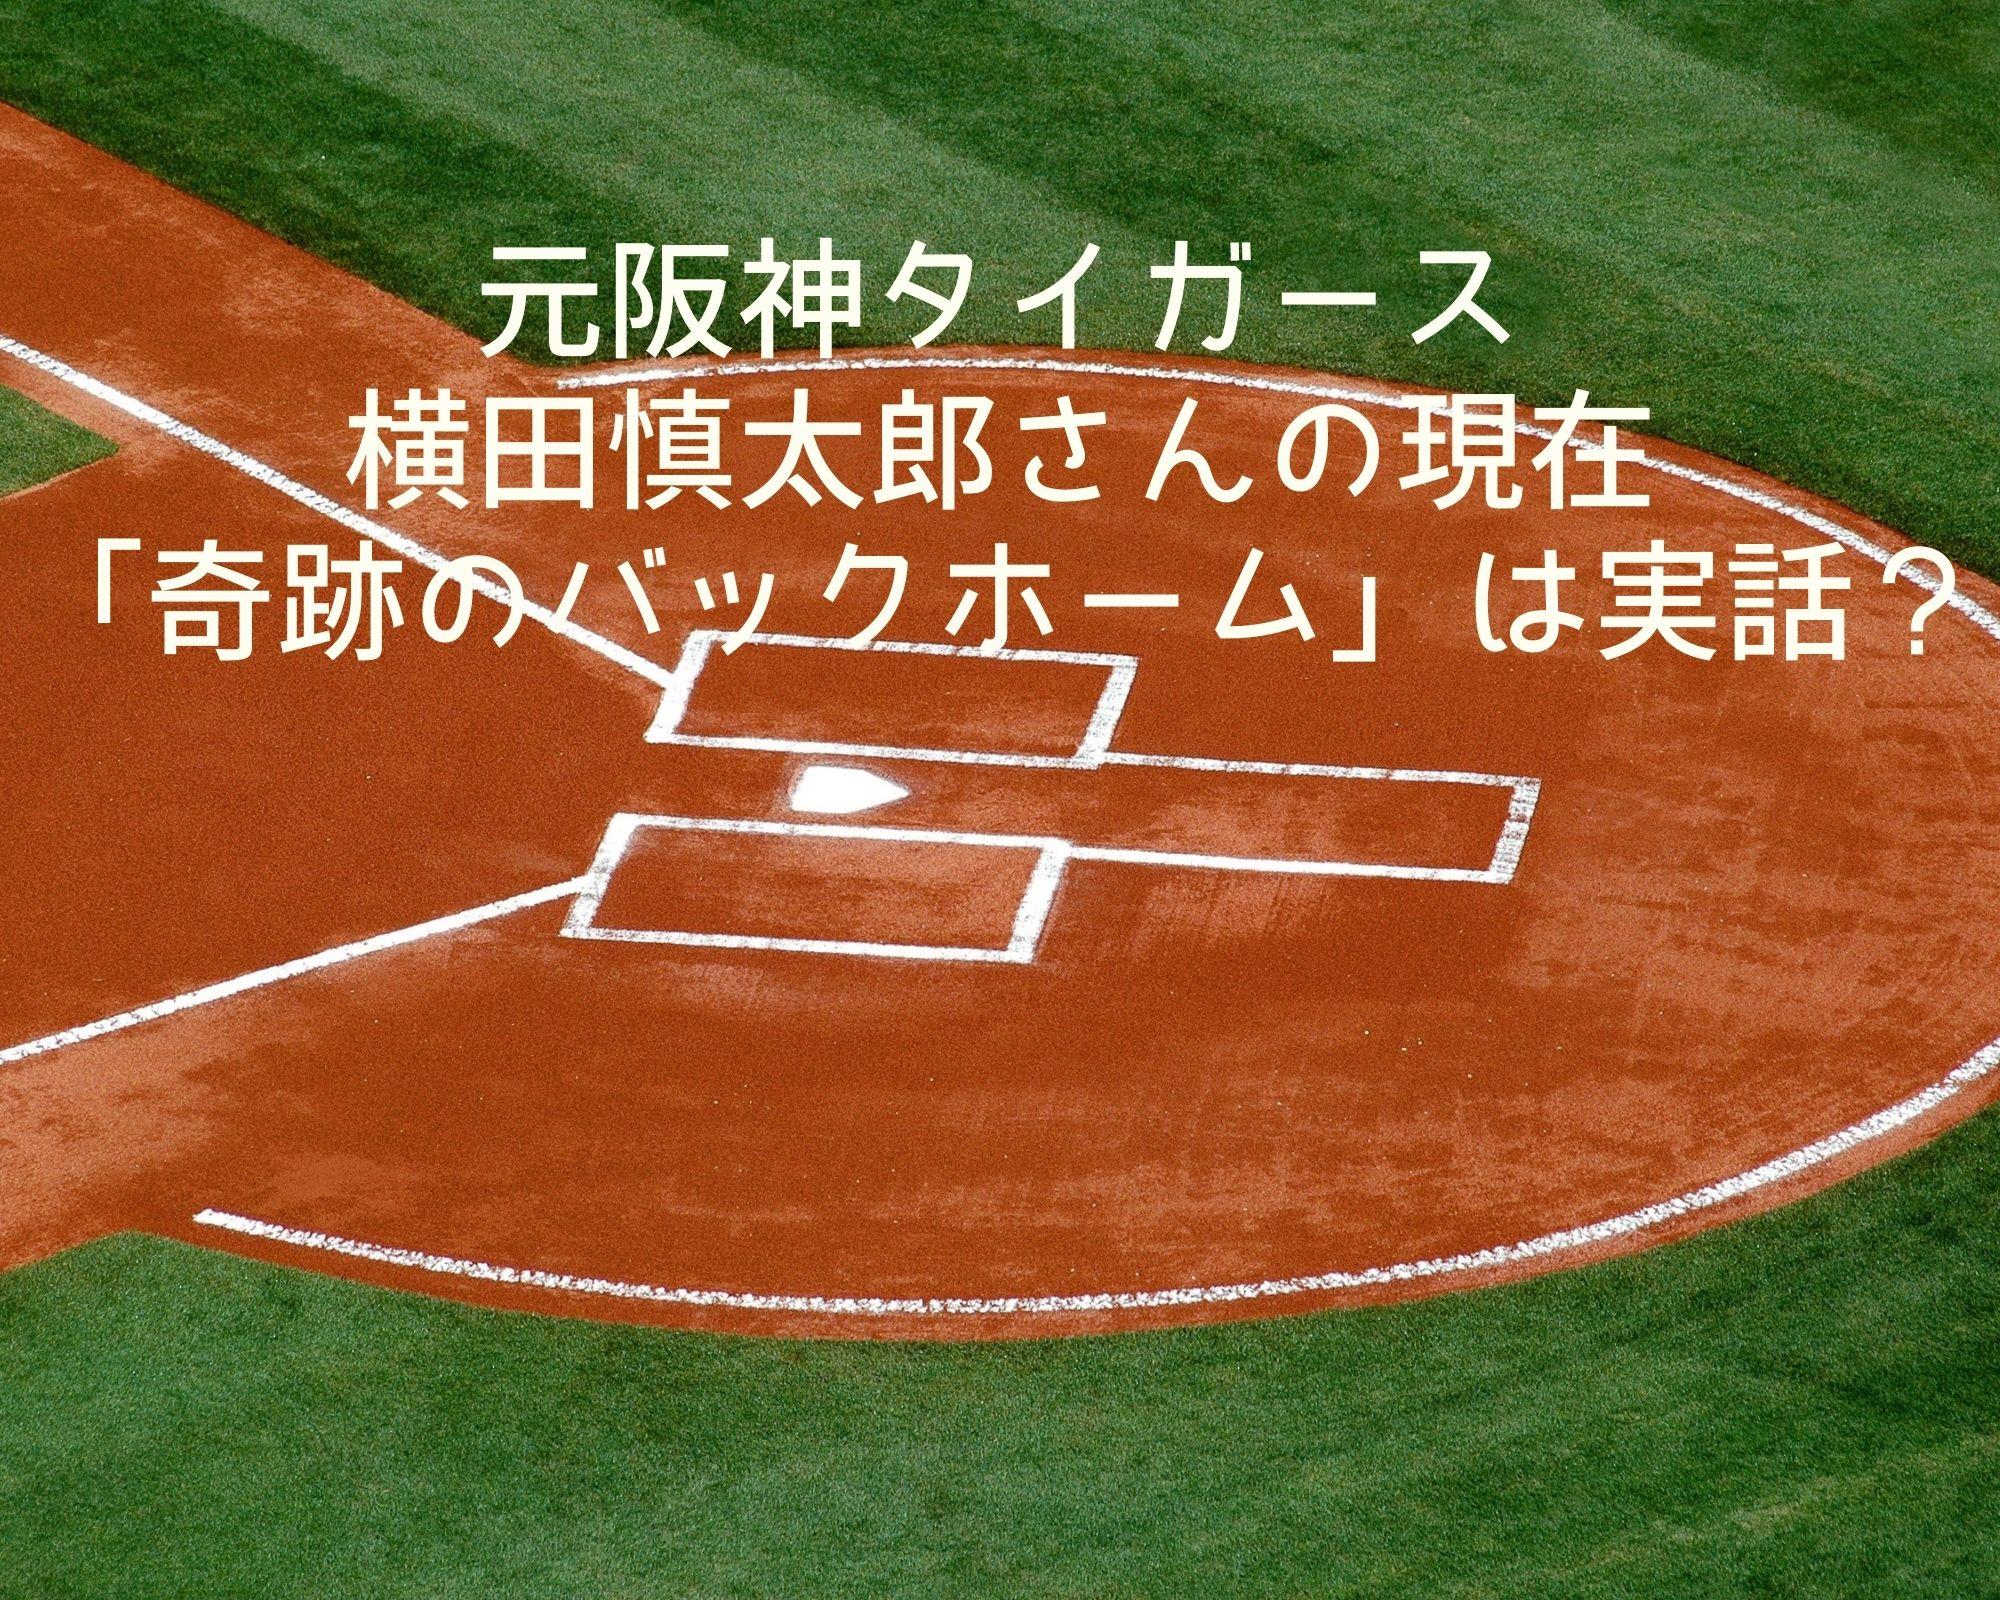 横田慎太郎の現在と本「奇跡のバックホーム」は脳腫瘍後の実話